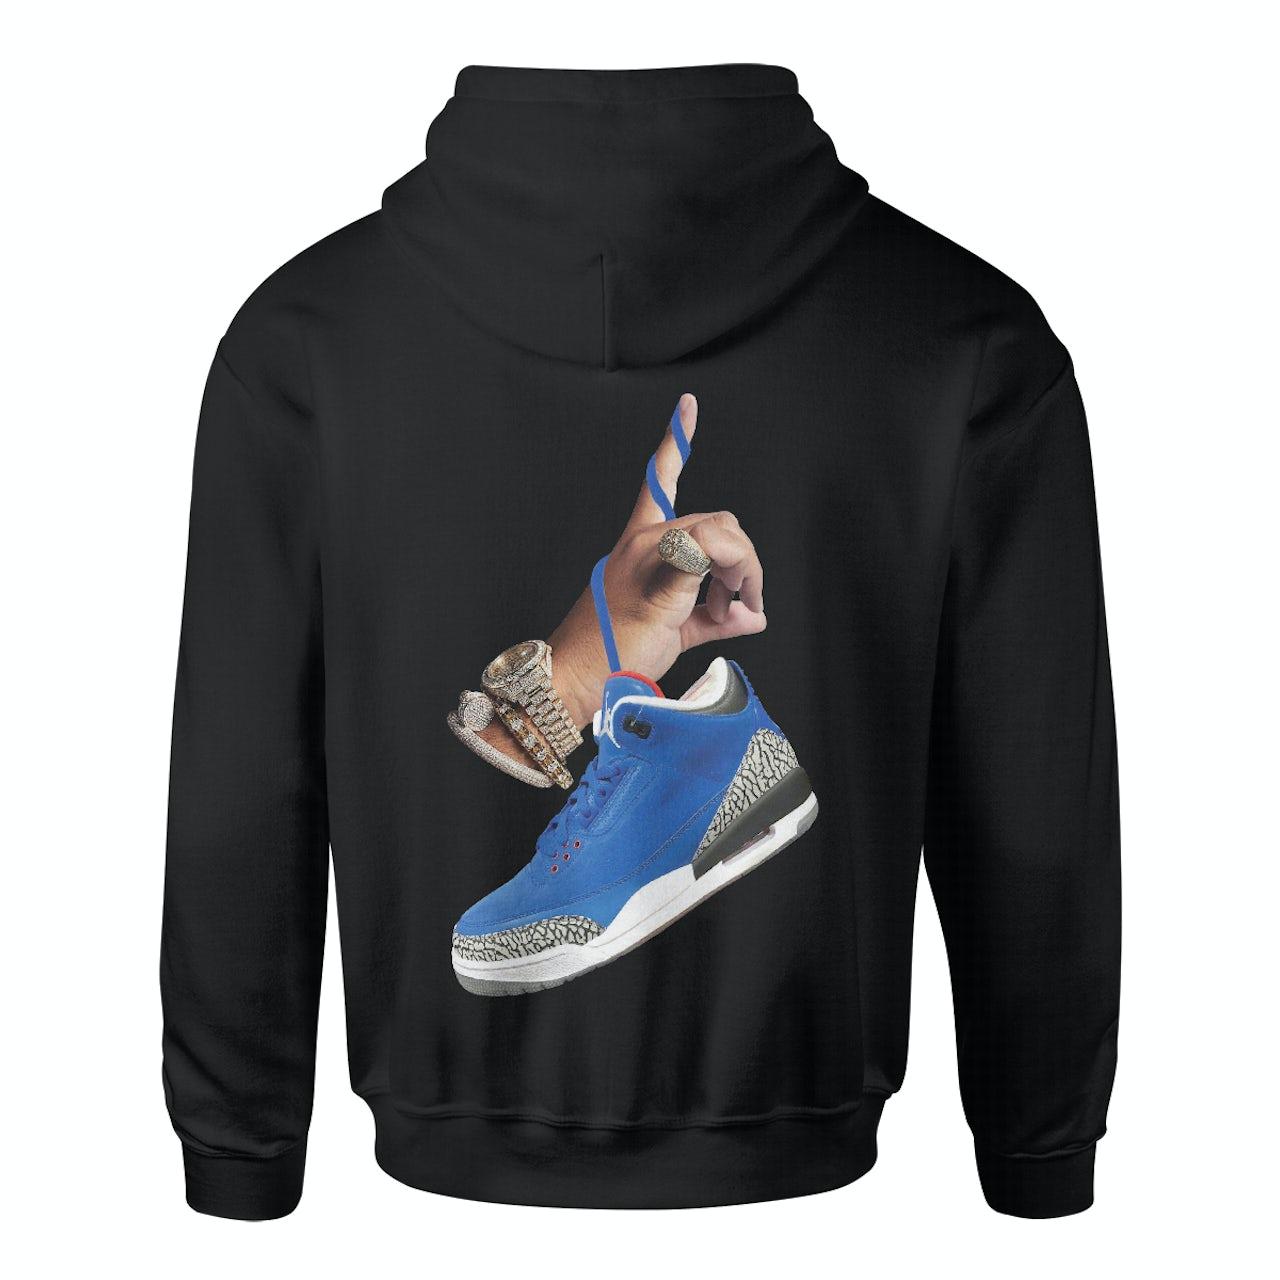 ae637c92c3f6fd DJ Khaled. x Jordan with Suede Sneakers Hoodie - Black